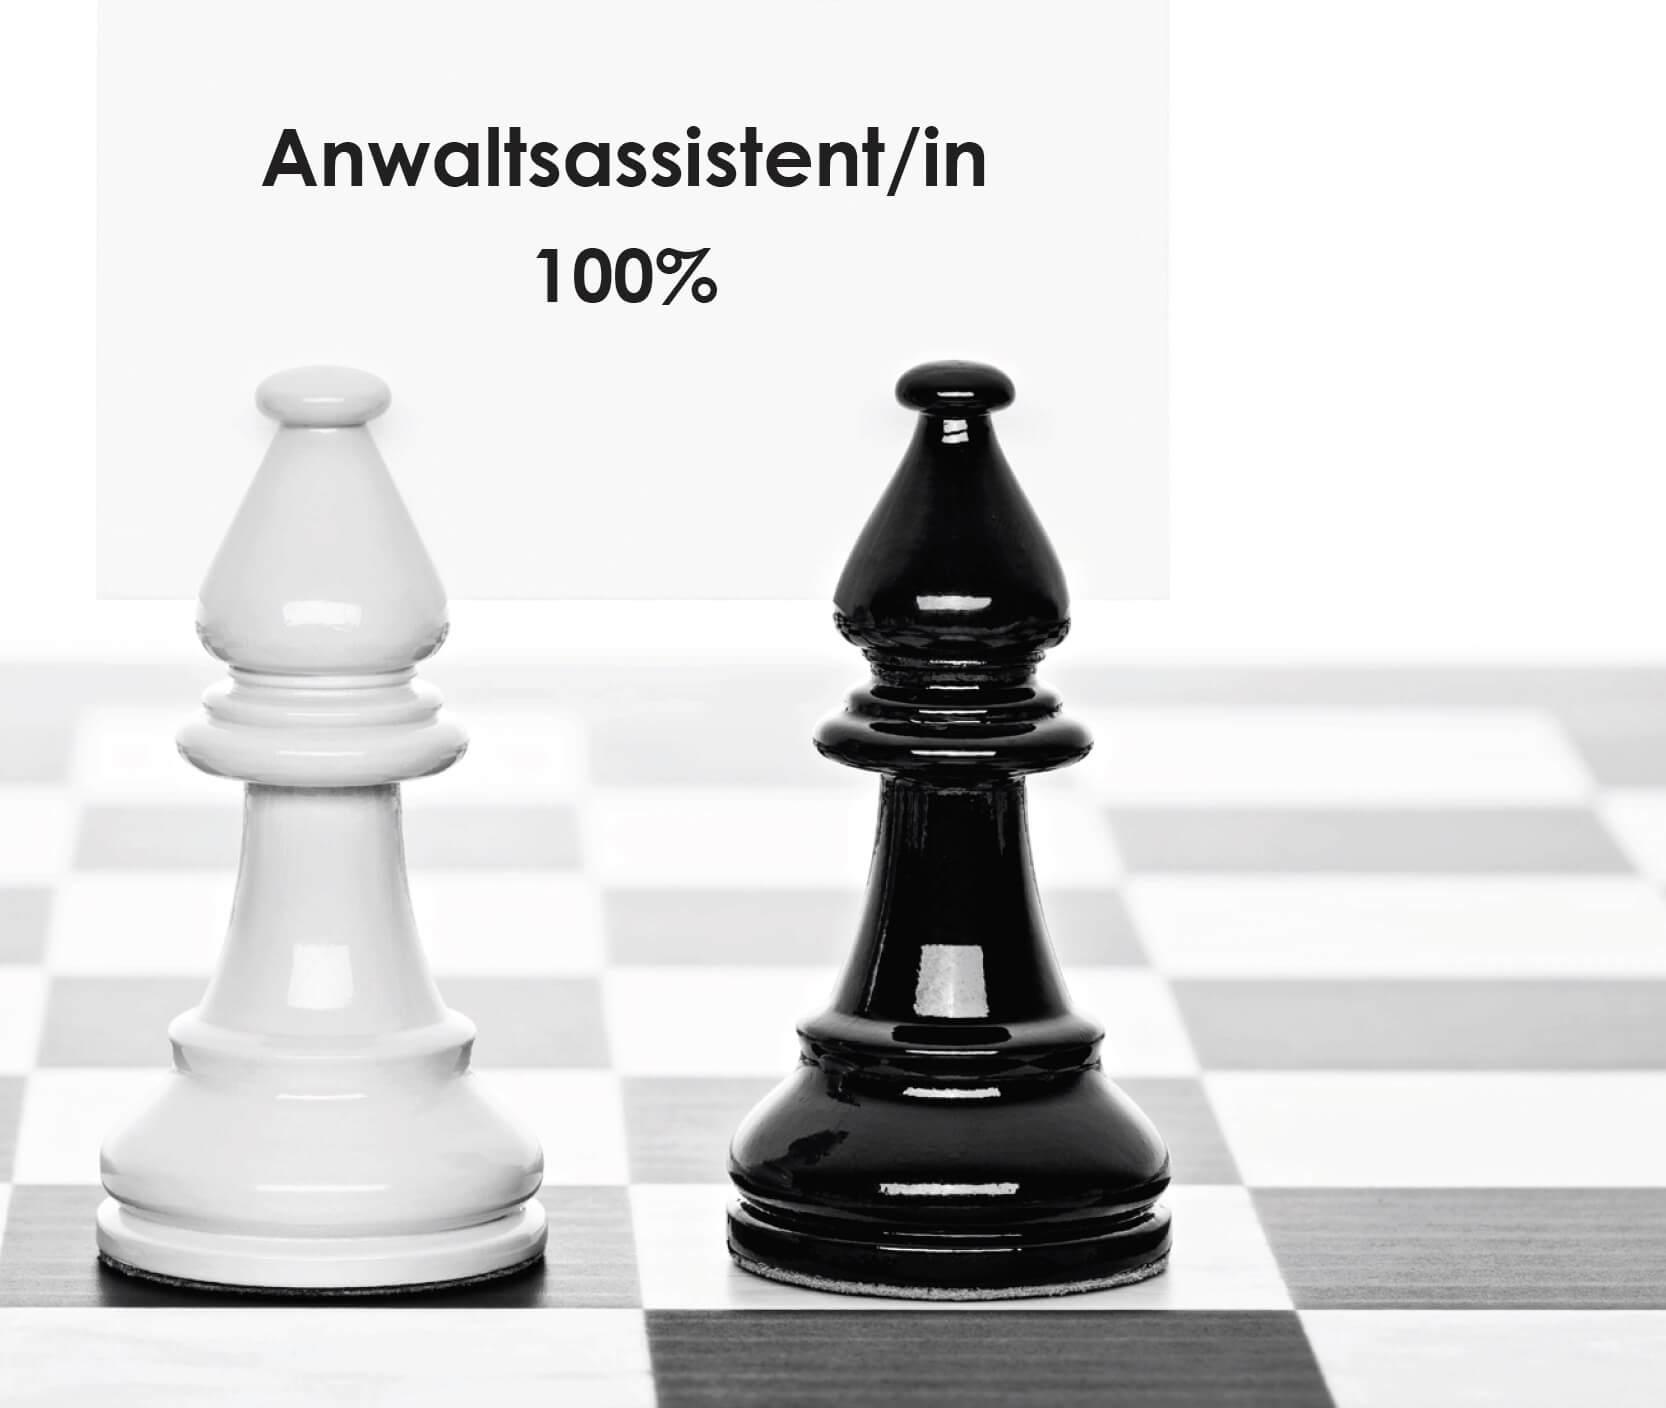 Anwaltsassistent/in (100%)